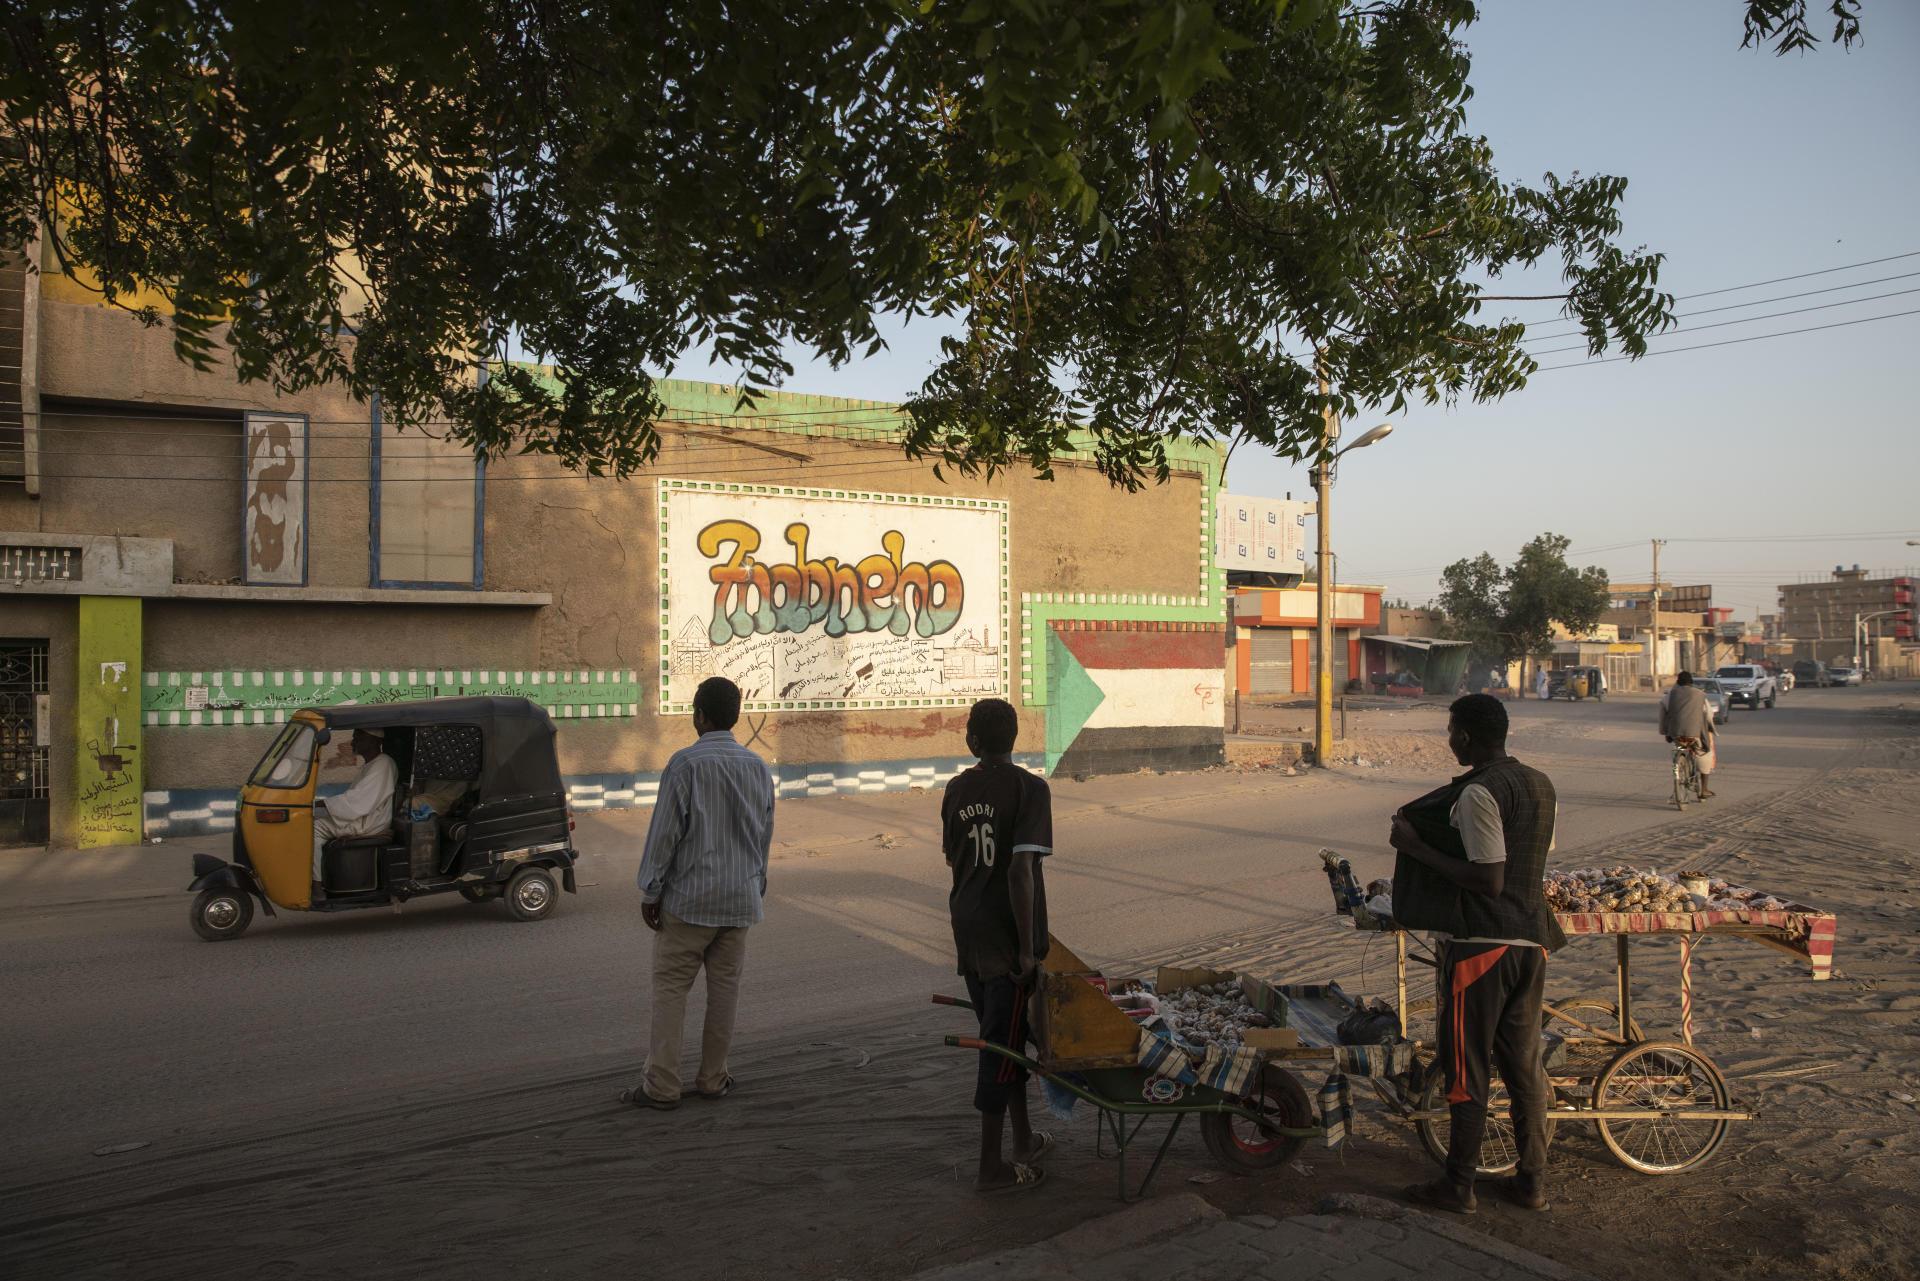 Vendeurs ambulants devant un vieux cinéma d'Atbara. Au fil du temps, les salles ont fermé les unes après les autres, victimes de trente années de répression et de censure par le régime militaro-islamiste. Aujourd'hui, si la façade subsiste, le bâtiment a été reconverti en atelier de ferronnerie.